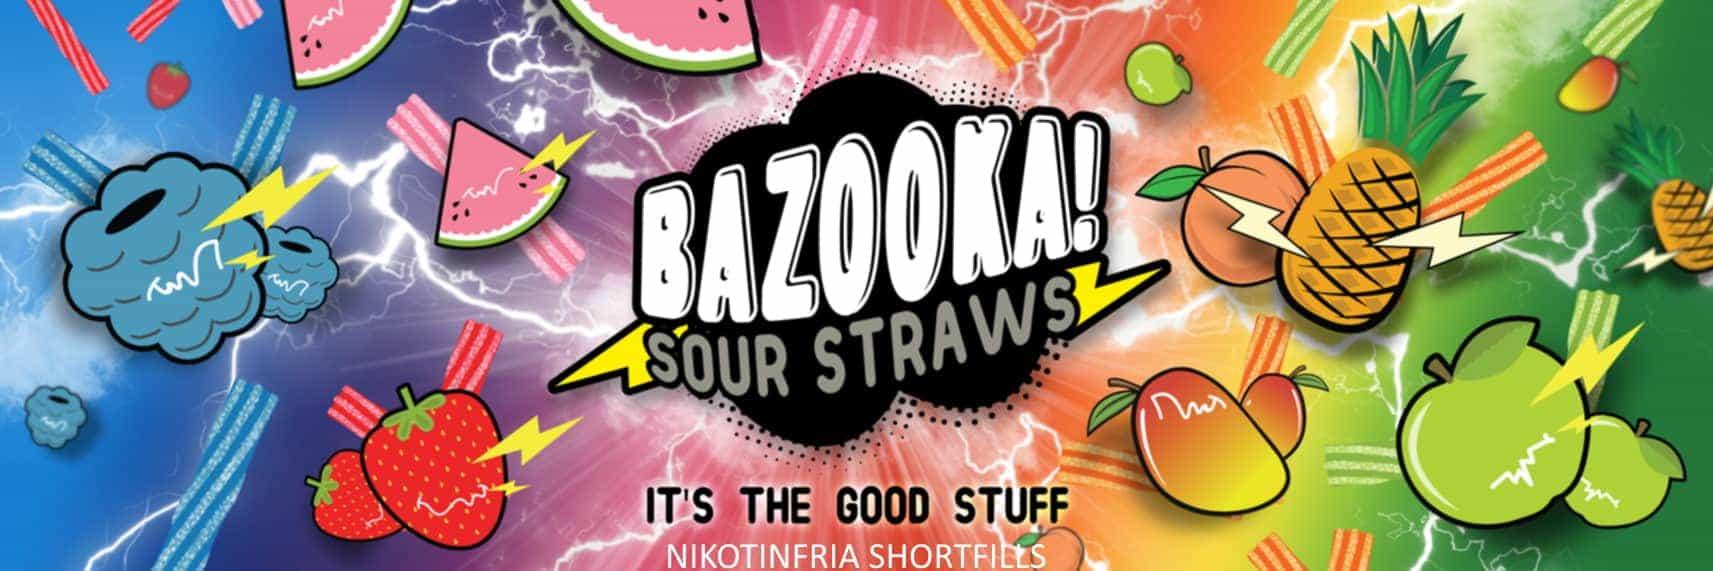 Bazooka Sour Straws Slide